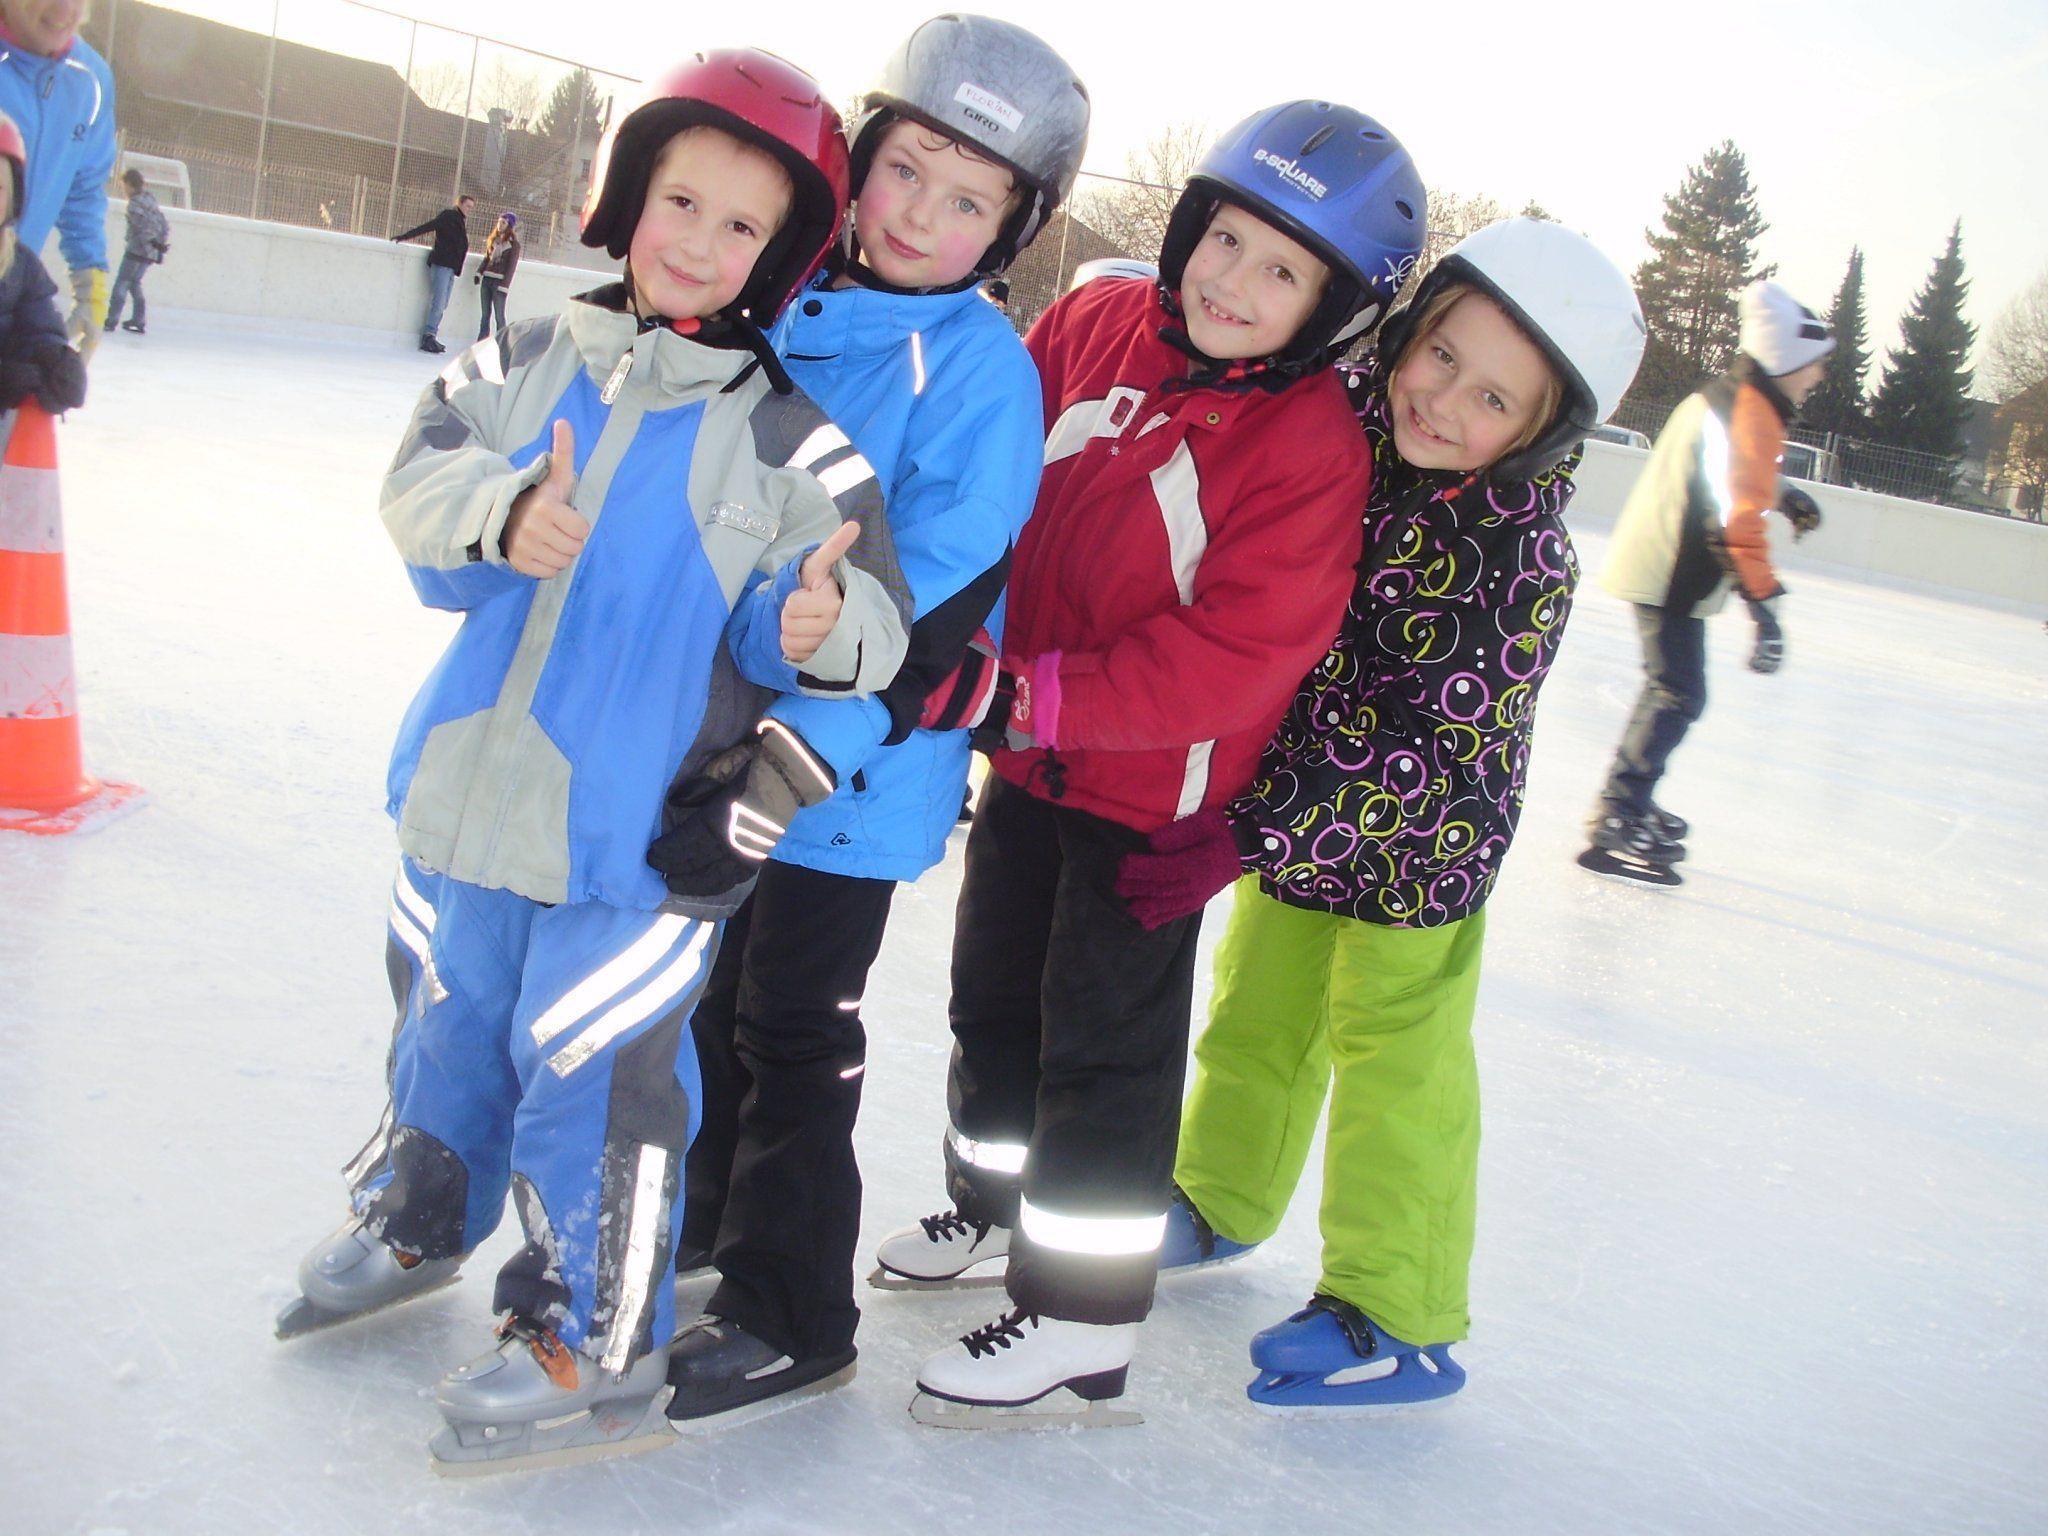 Viel Spaß auf dem Eis haben auch Marvin, Florian, Amanda und Senta.